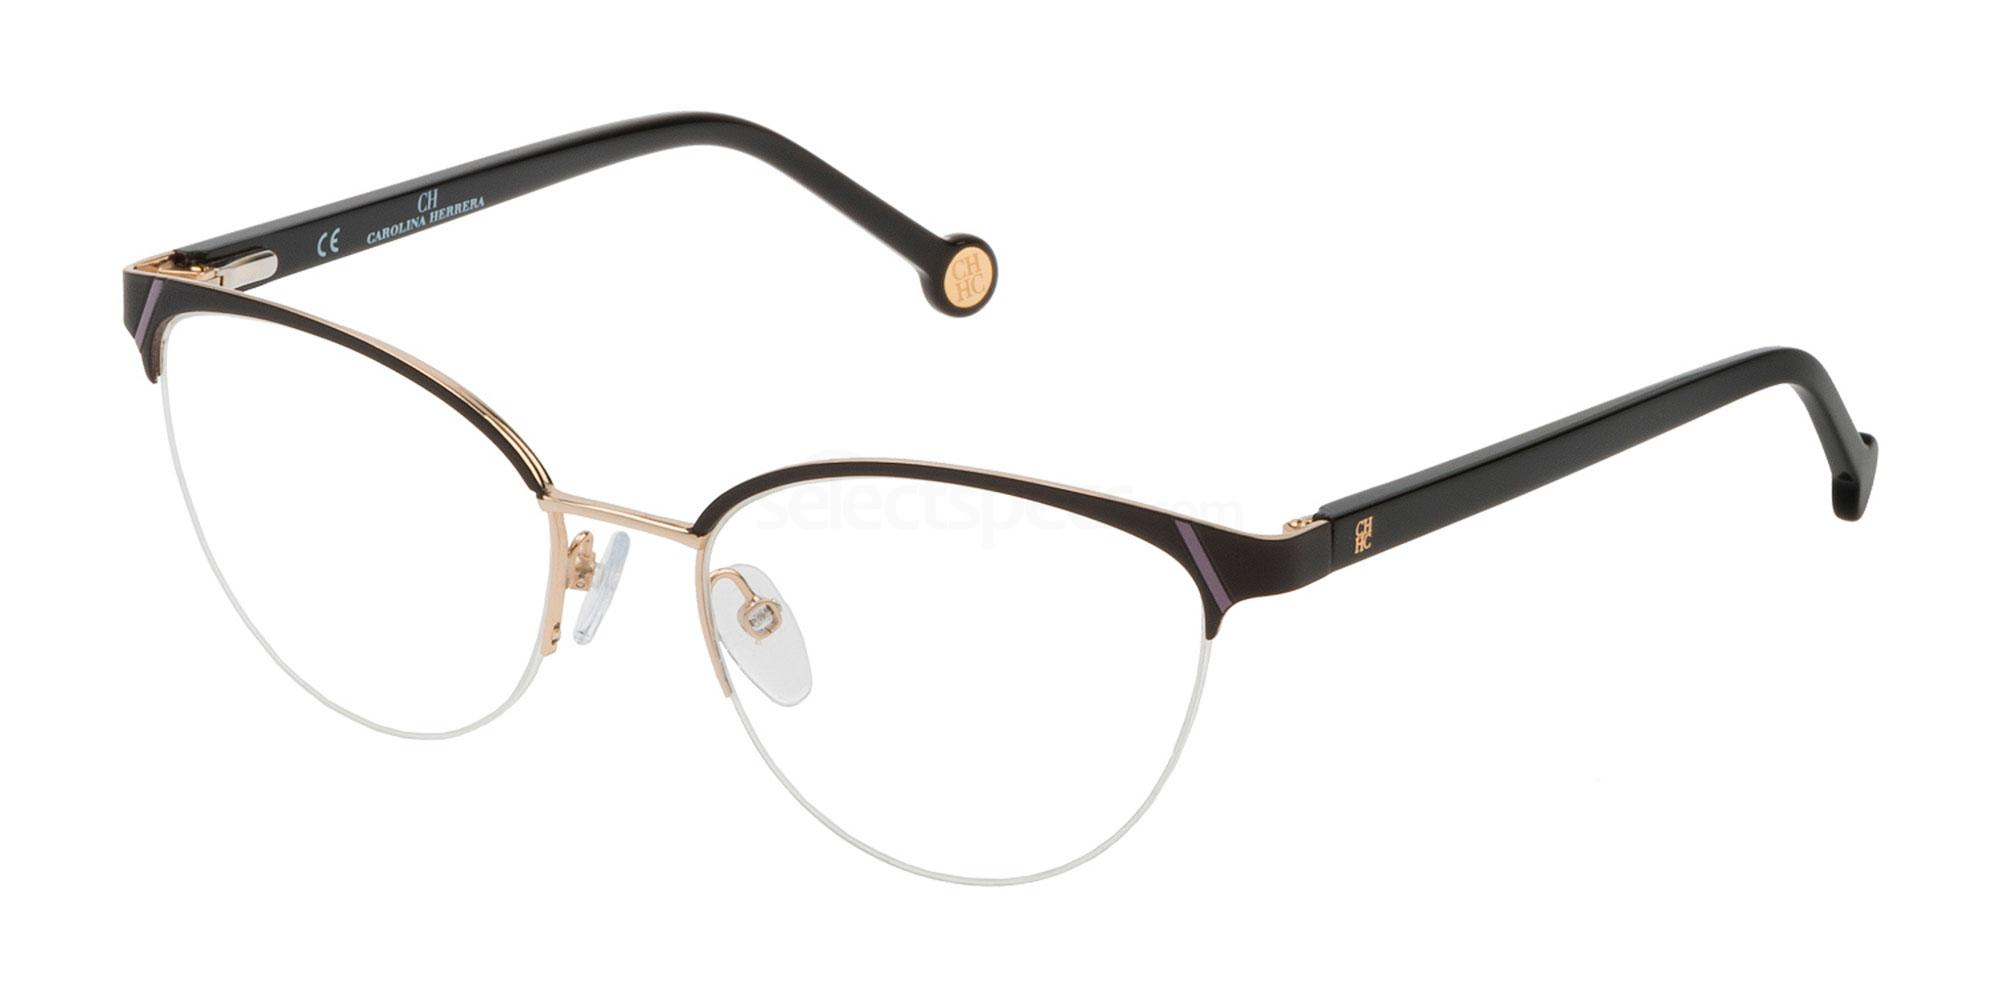 0302 VHE126L Glasses, CH Carolina Herrera